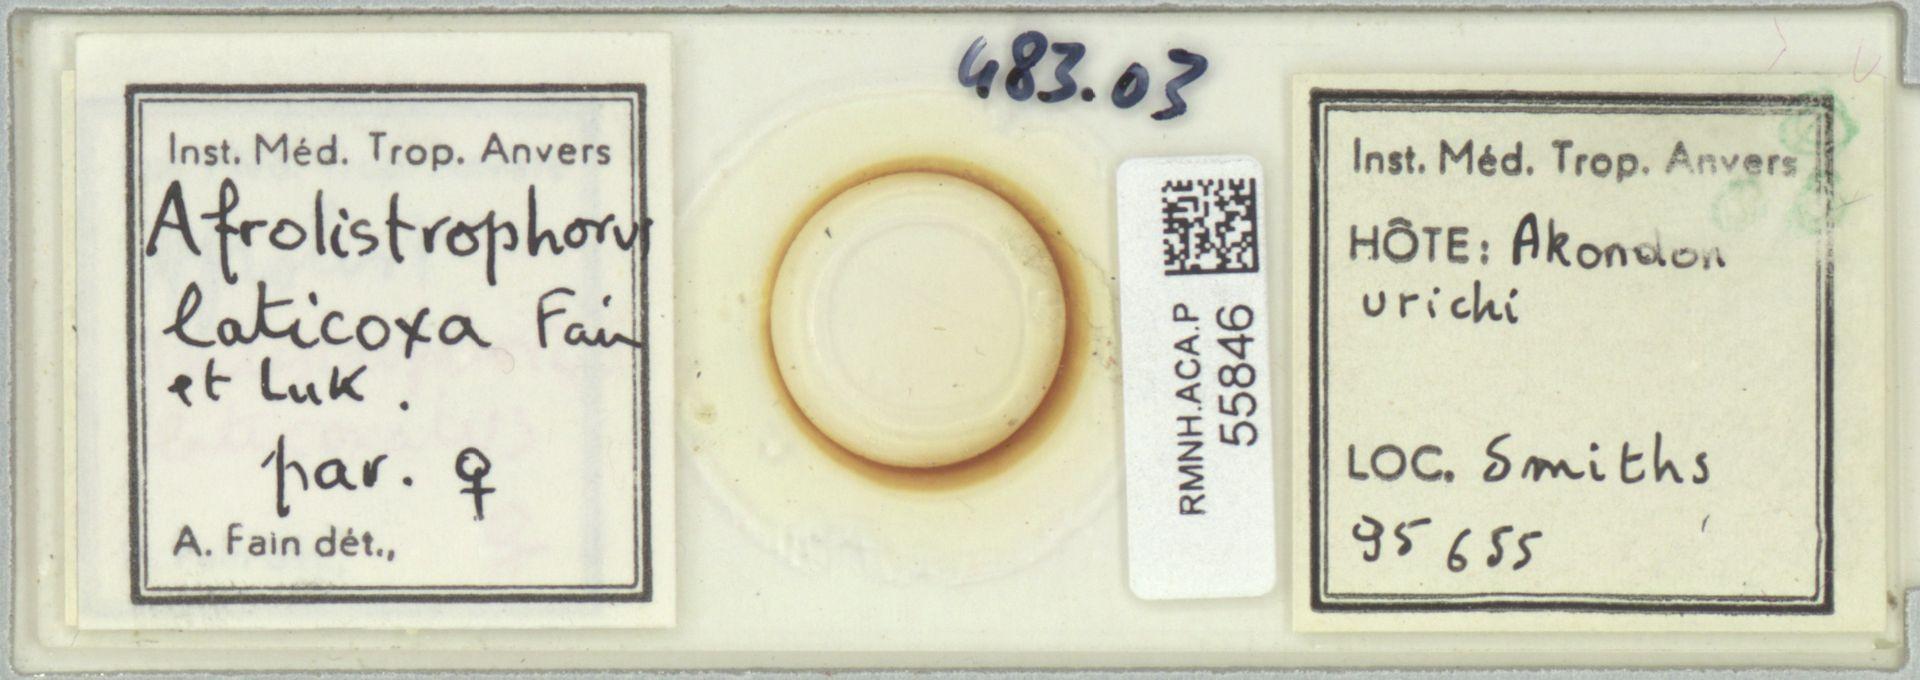 RMNH.ACA.P.55846 | Afrolistrophorus laticoxa Fain et Luk.